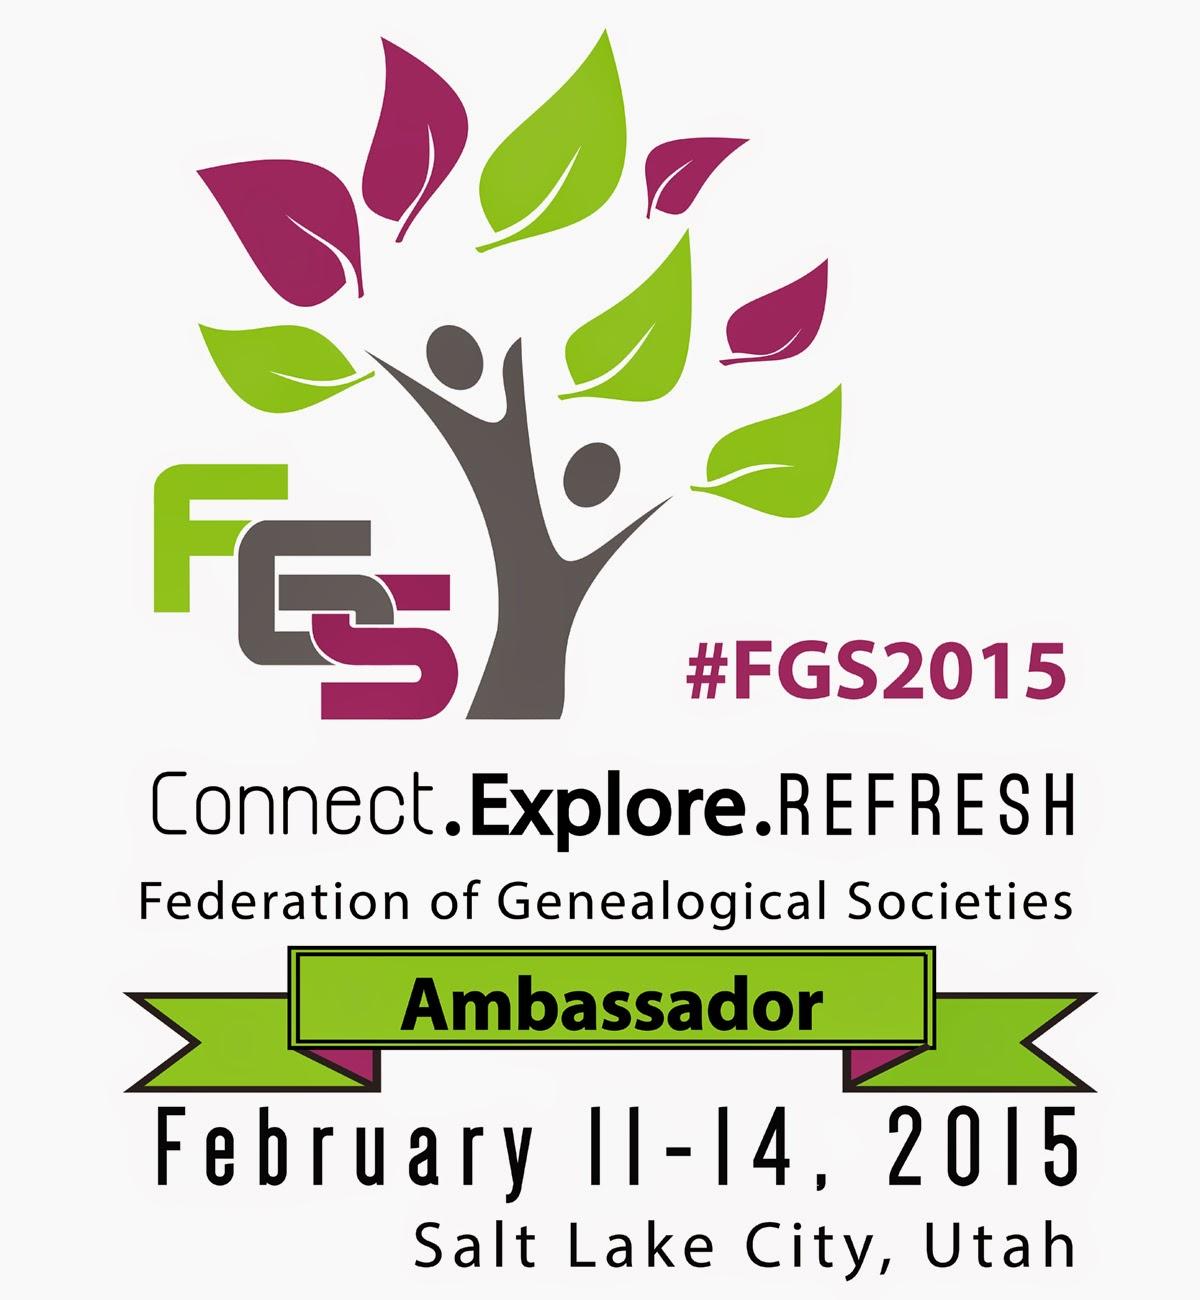 #FGS2015